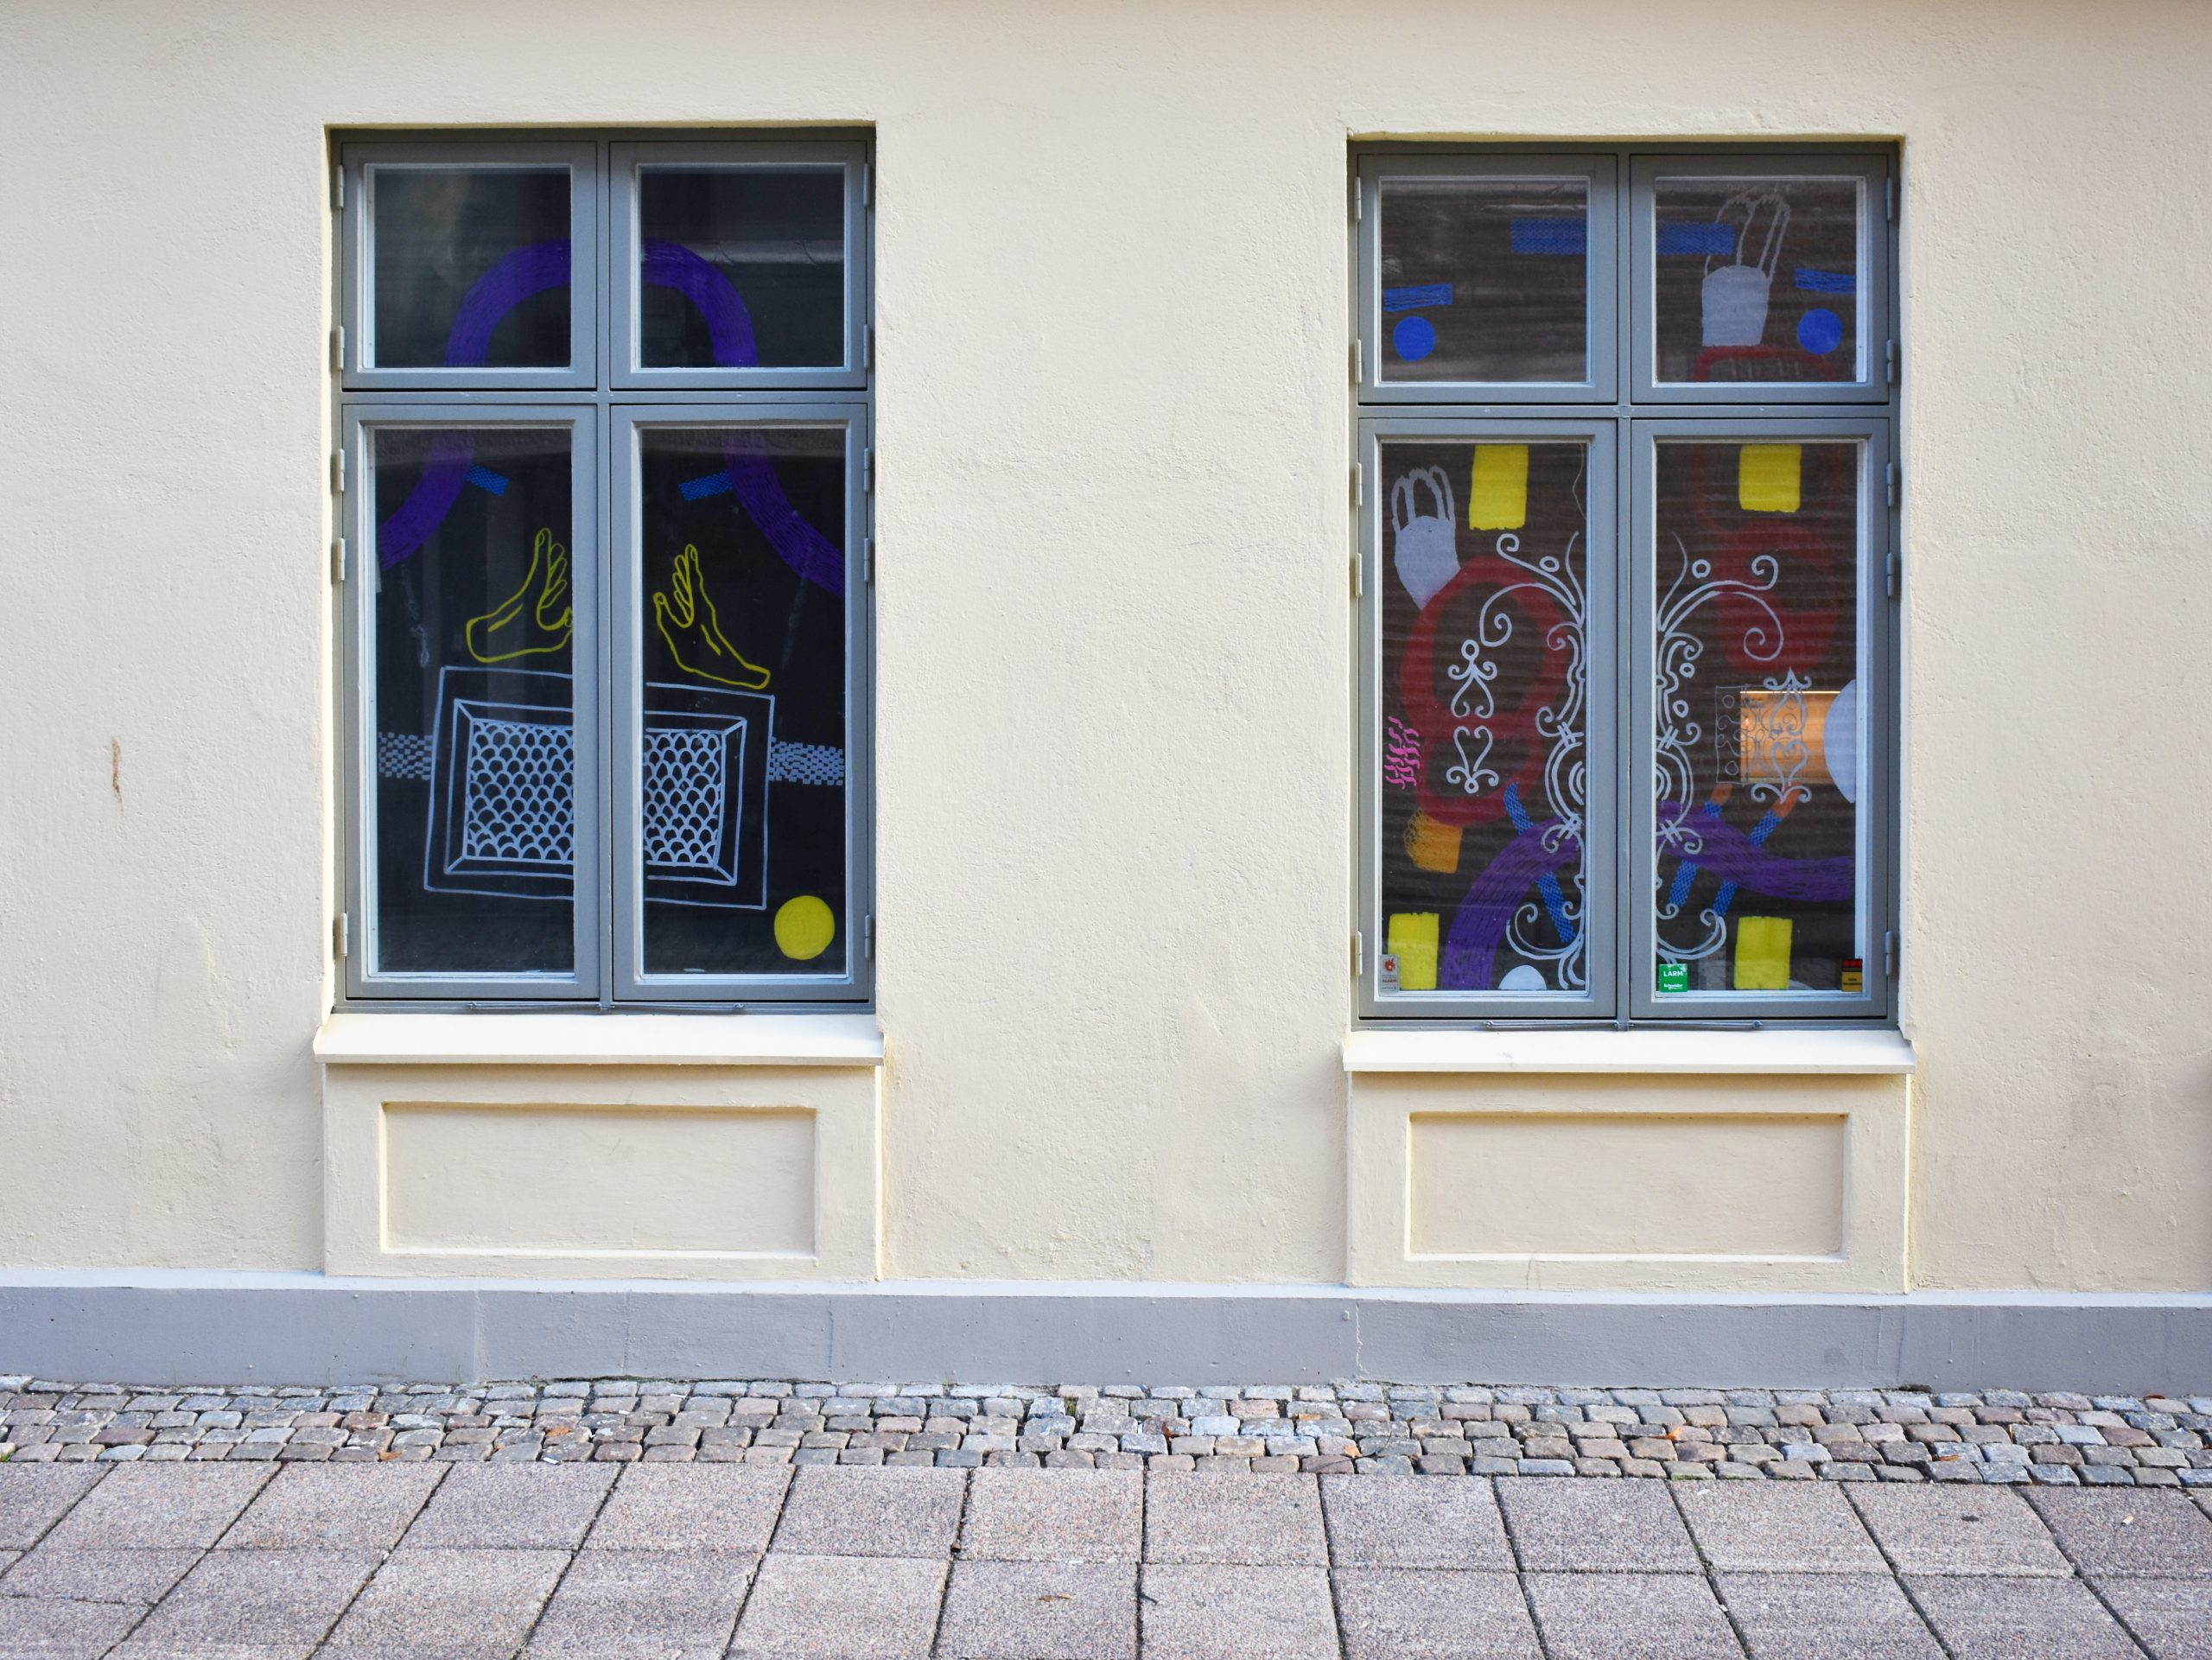 Anni Tuikkas konstverk i fönstren på Postgatan 31 som gjordes 2019